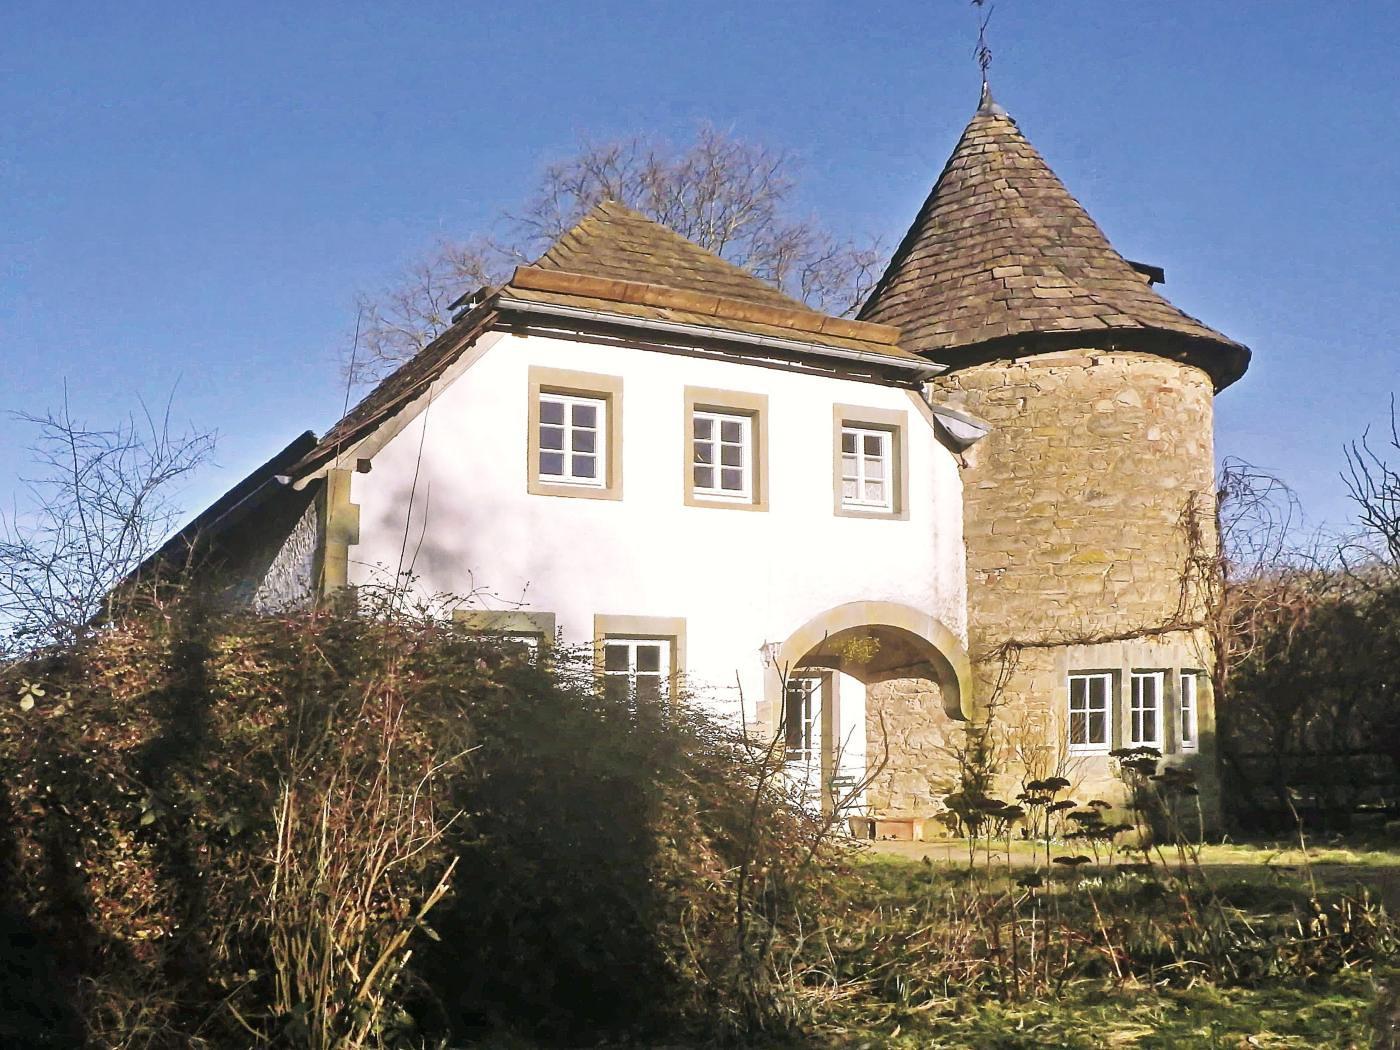 Kloster Marienmünster